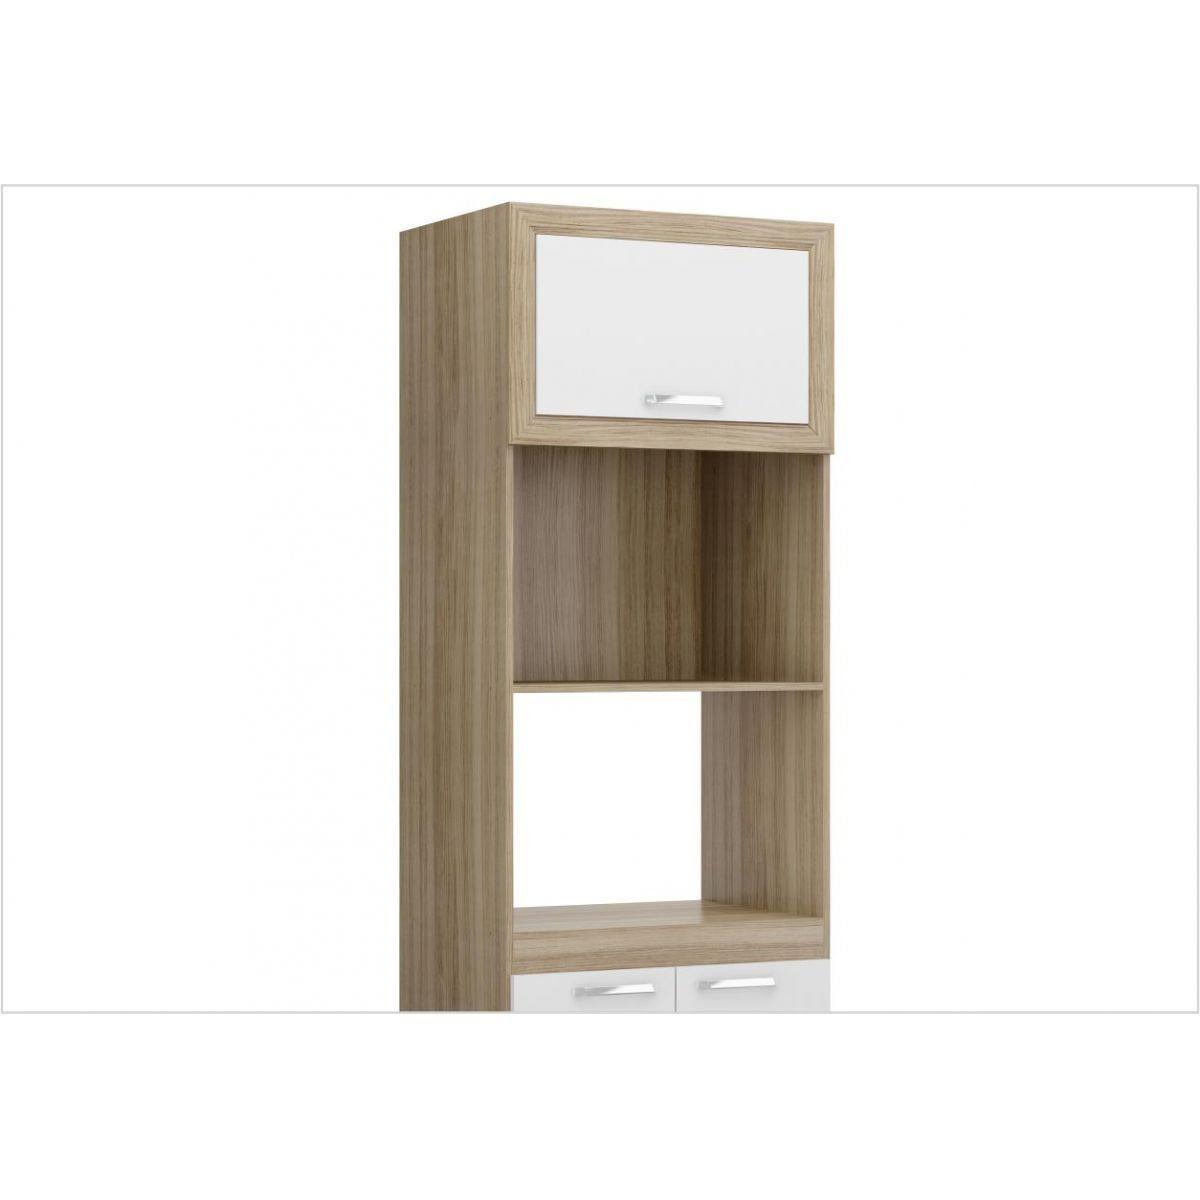 Torre Quente para Cozinha Modulada com espaço para Forno e Micro-ondas 70 cm 5020 Toscana - Multimóveis